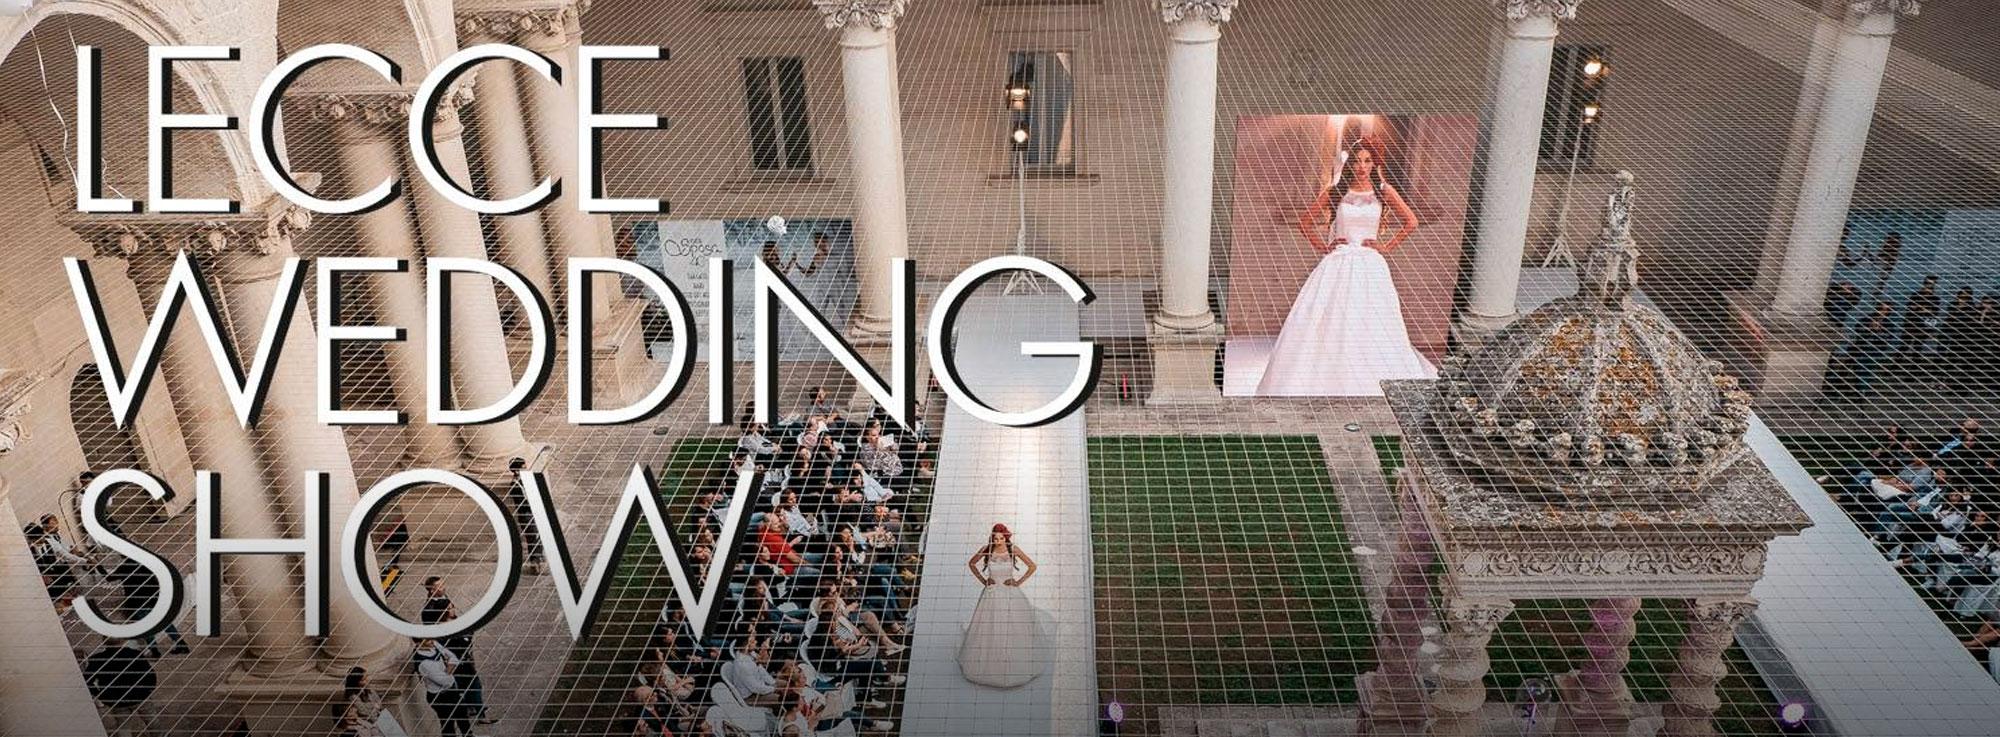 Lecce: Lecce Wedding Show